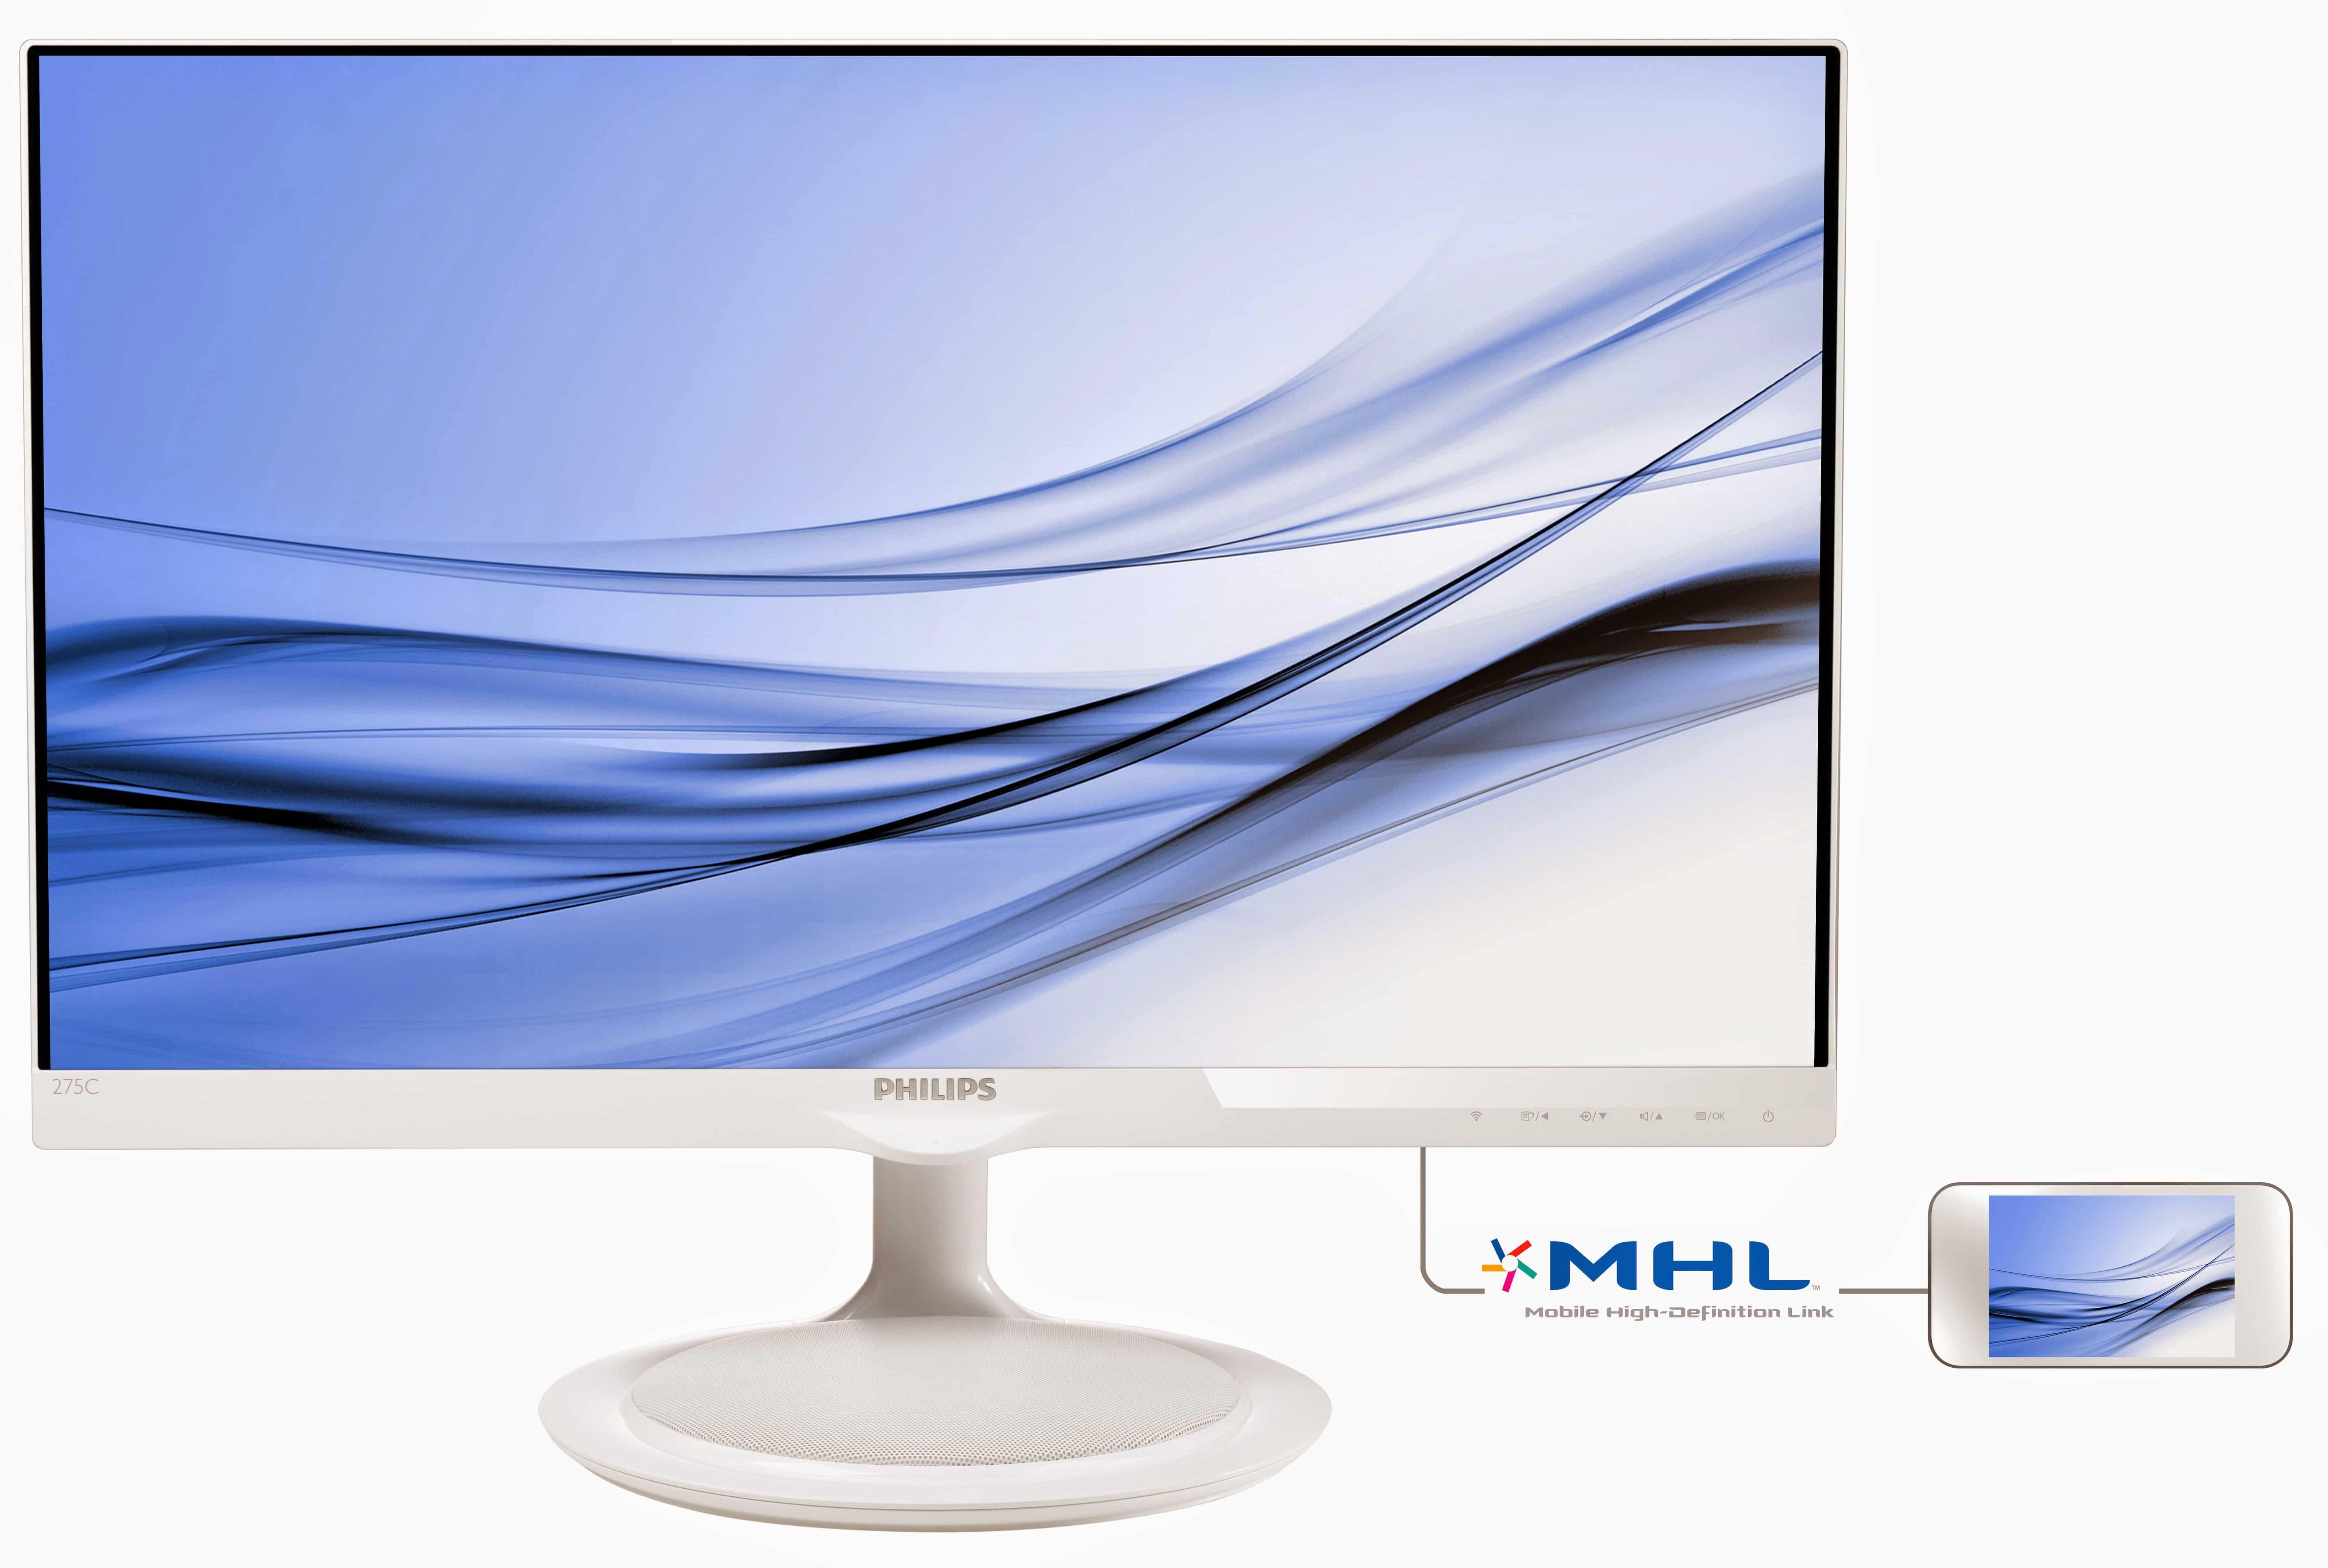 Bild von Philips stellt neuen 27 Zoll Monitor Moda 2 vor